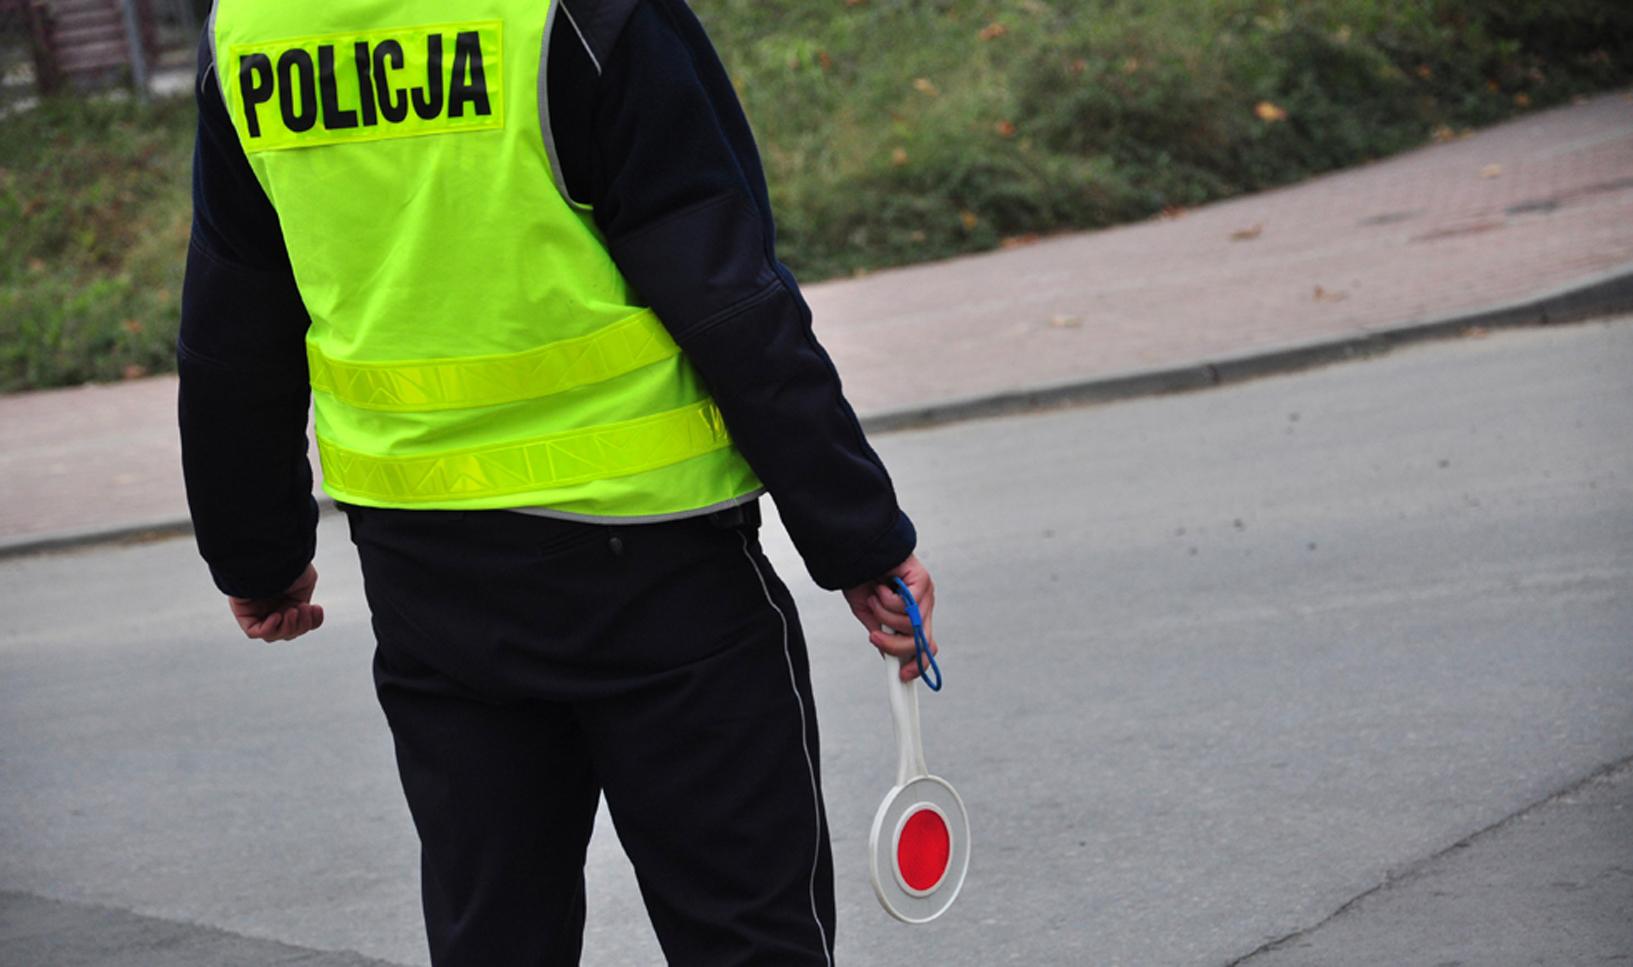 Pędził ponad 100 km/h przez wieś. Zatrzymali go policjanci z KPP w Kolbuszowej - Zdjęcie główne